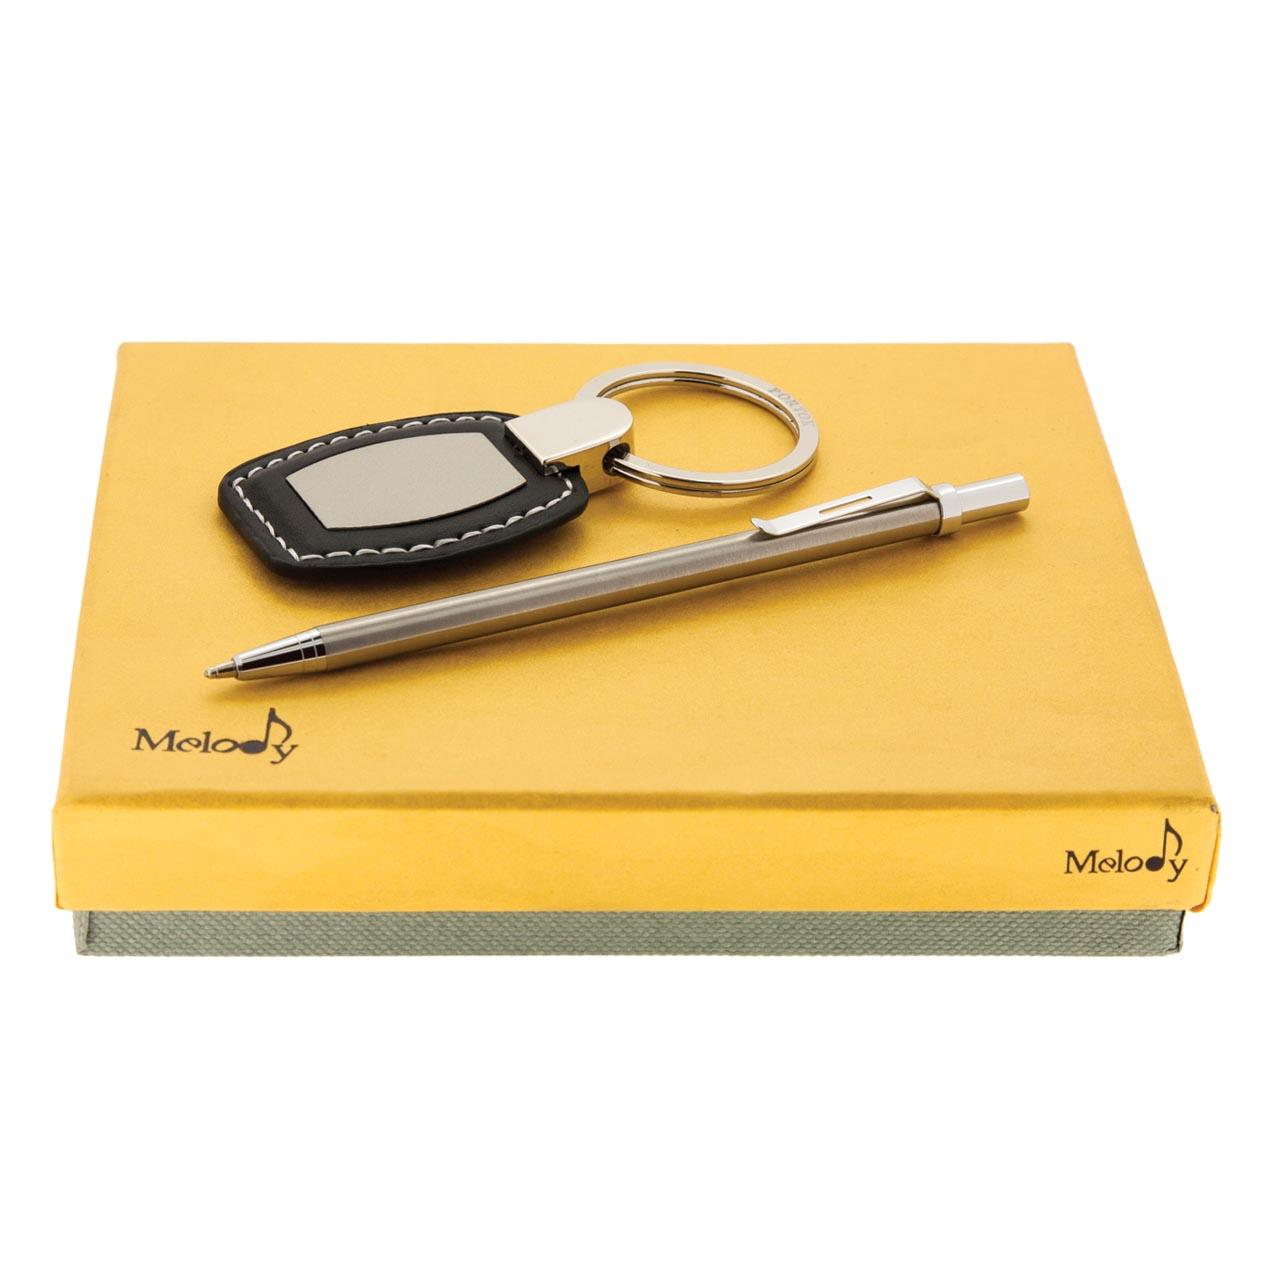 ست خودکار و جاکلیدی  ملودی کد 1001